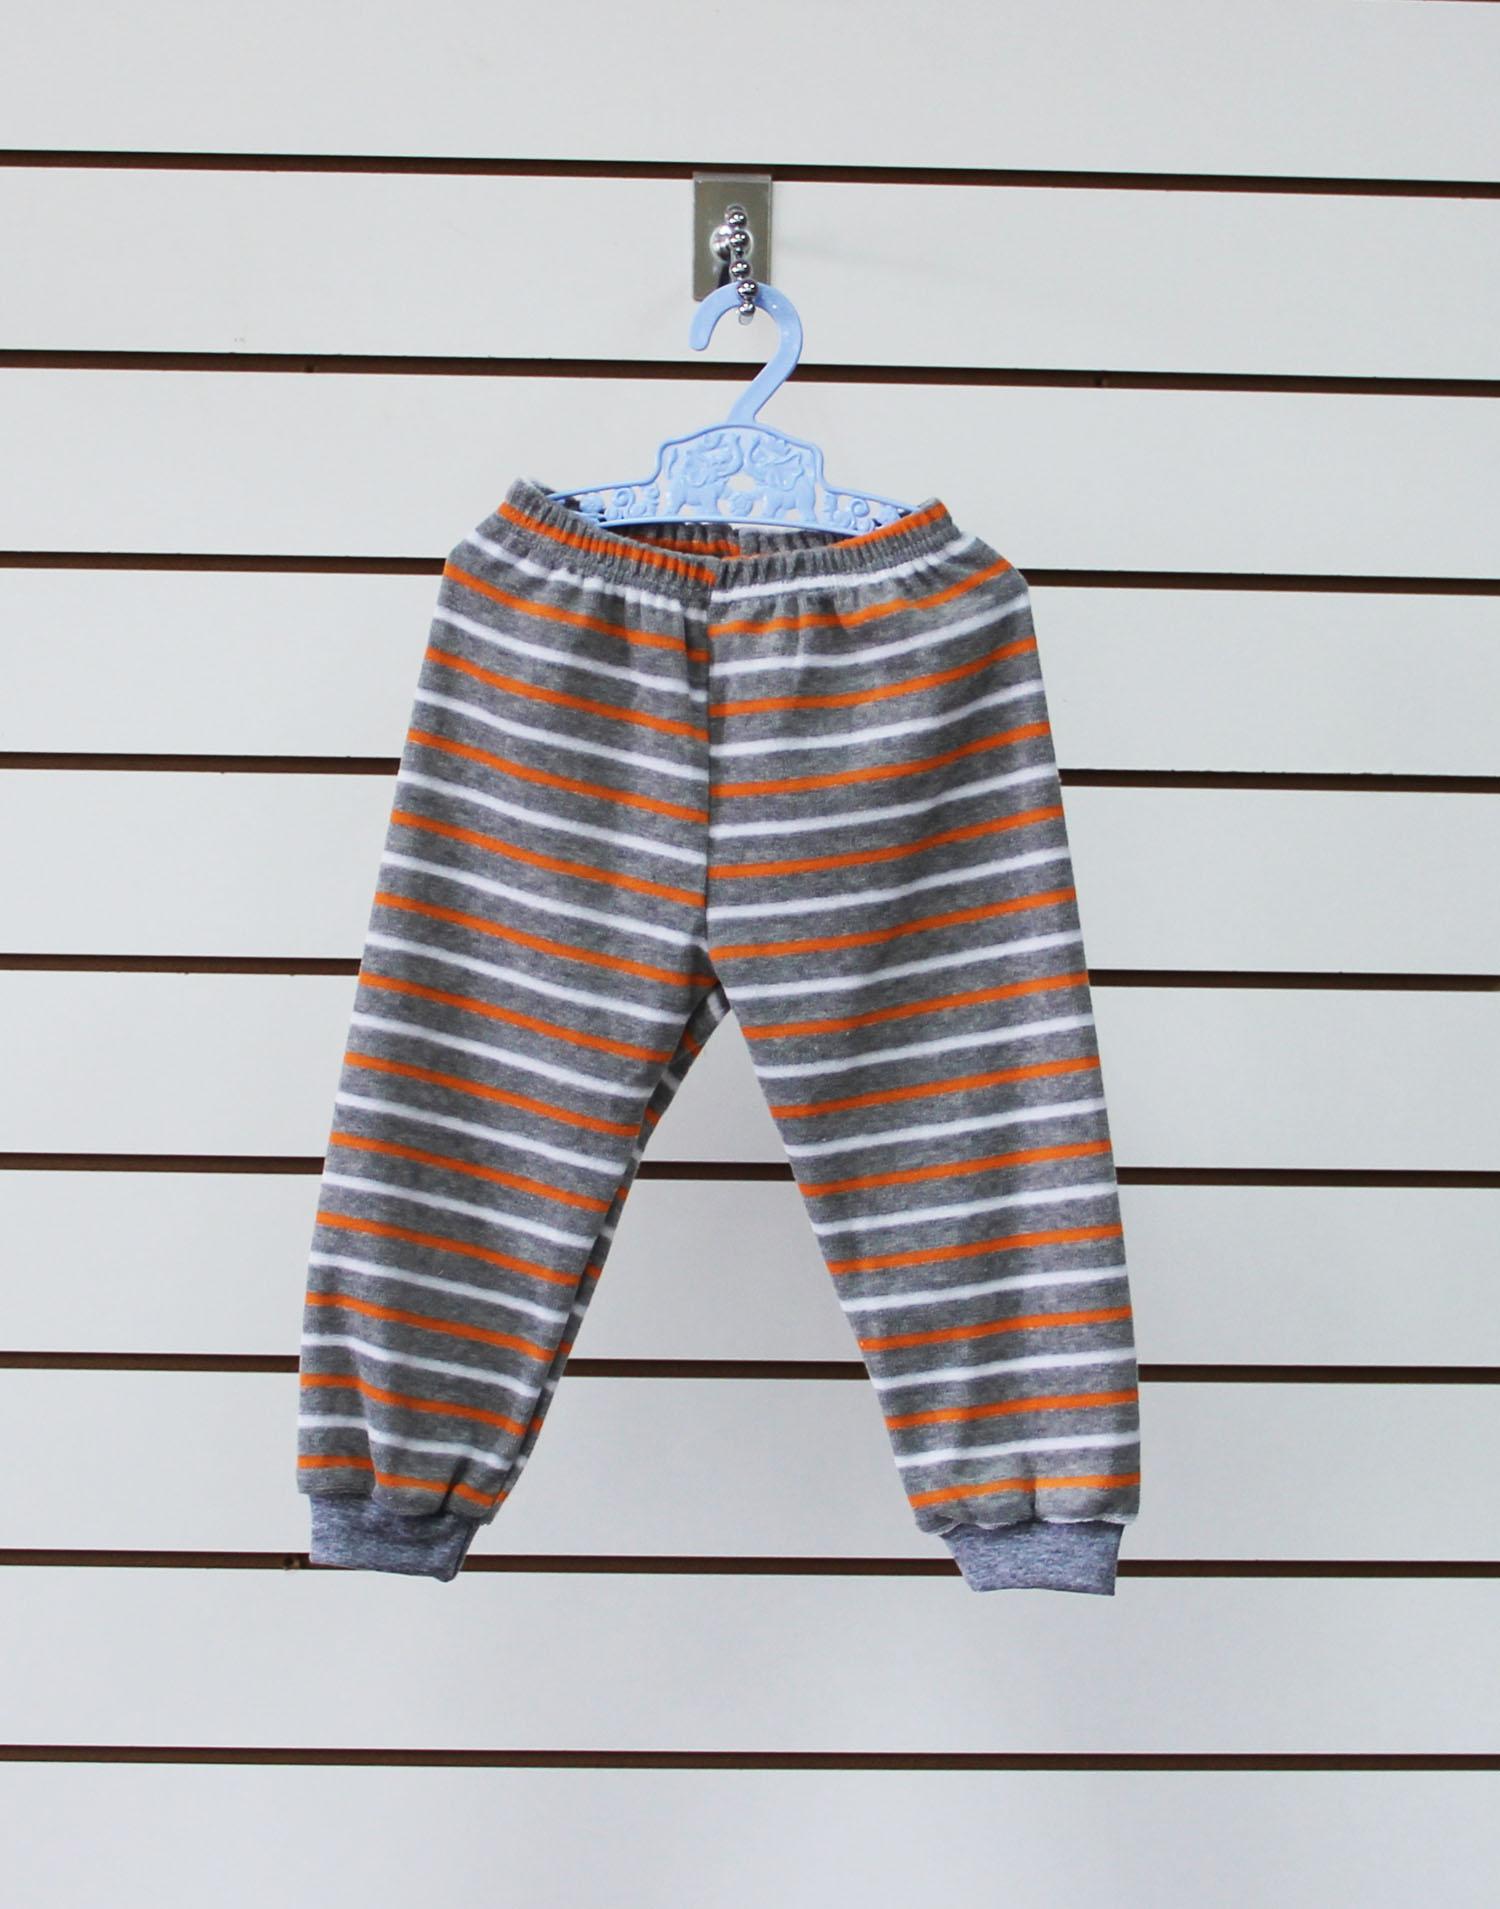 Штанишки детские ПолосатикШтанишки, шорты<br><br><br>Размер: 26 (рост 80 см)